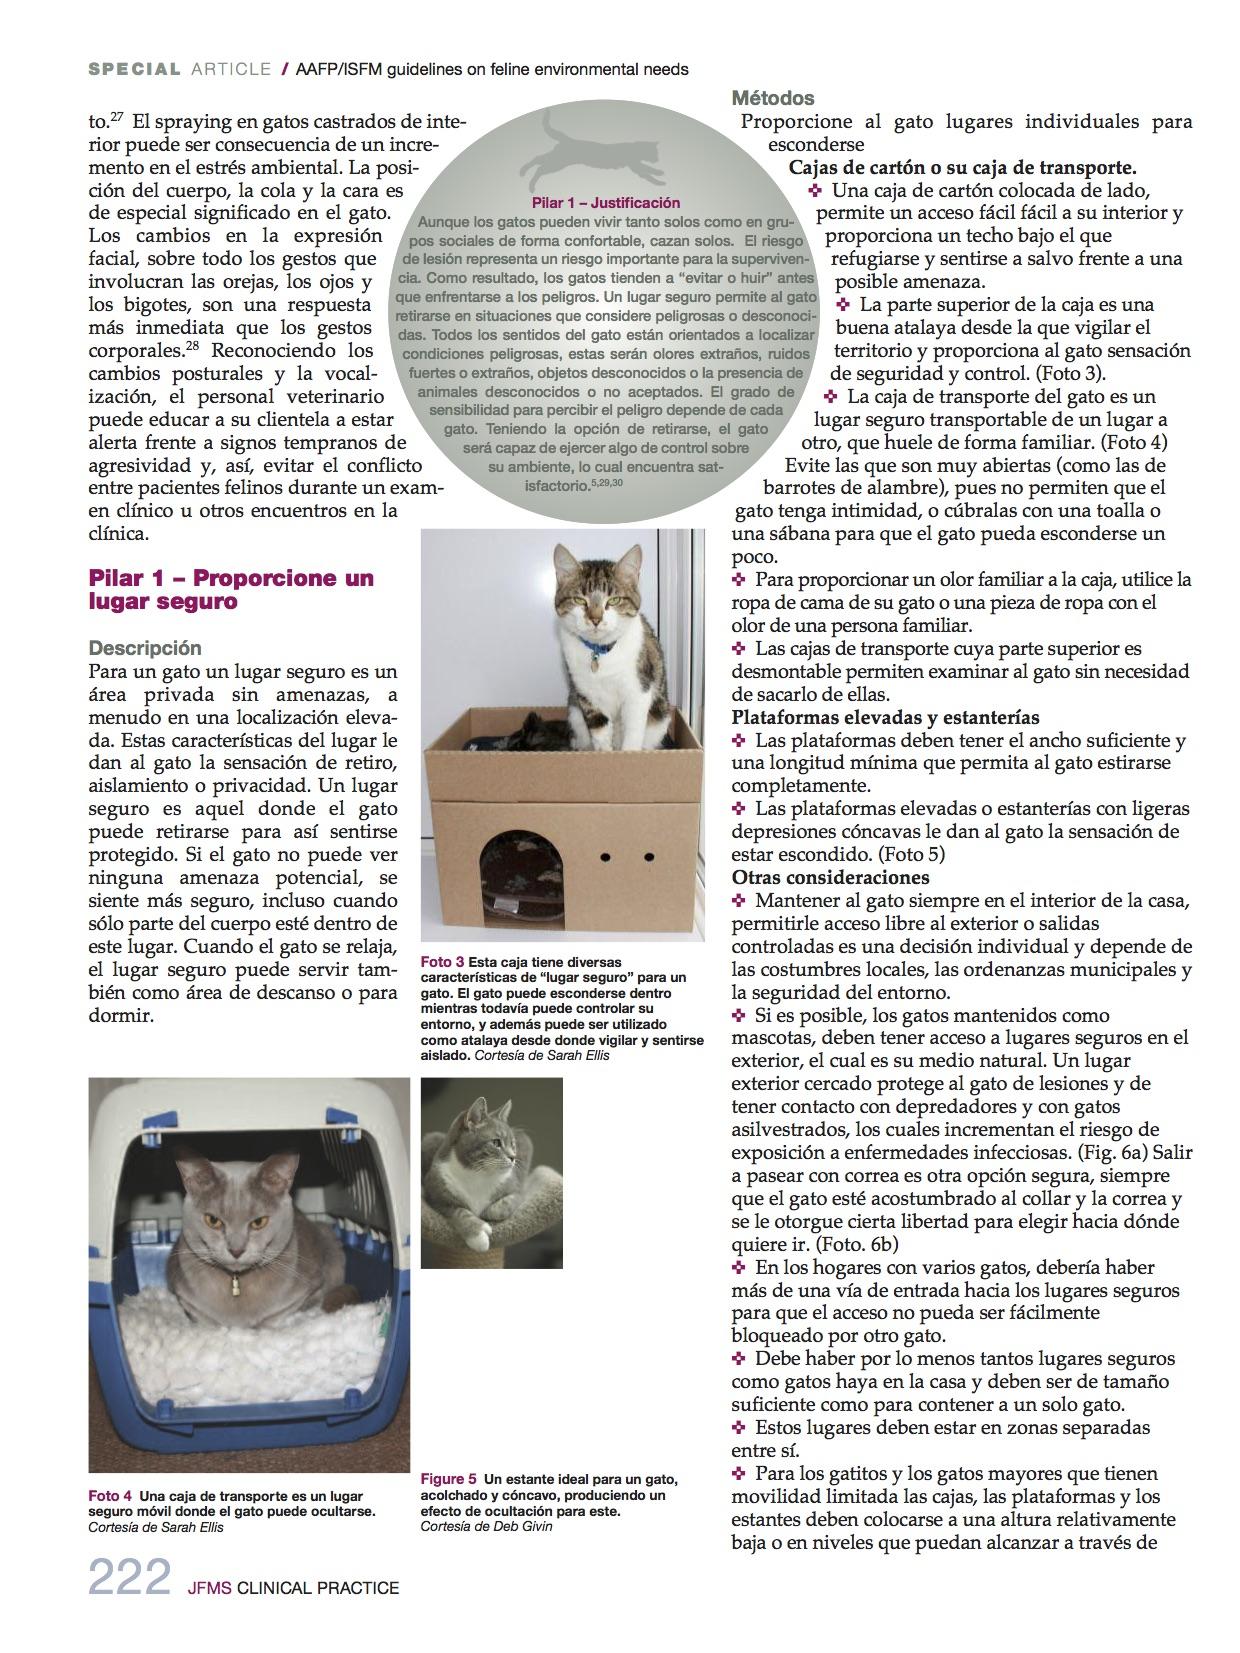 necesidades_medioambientales4_felinas